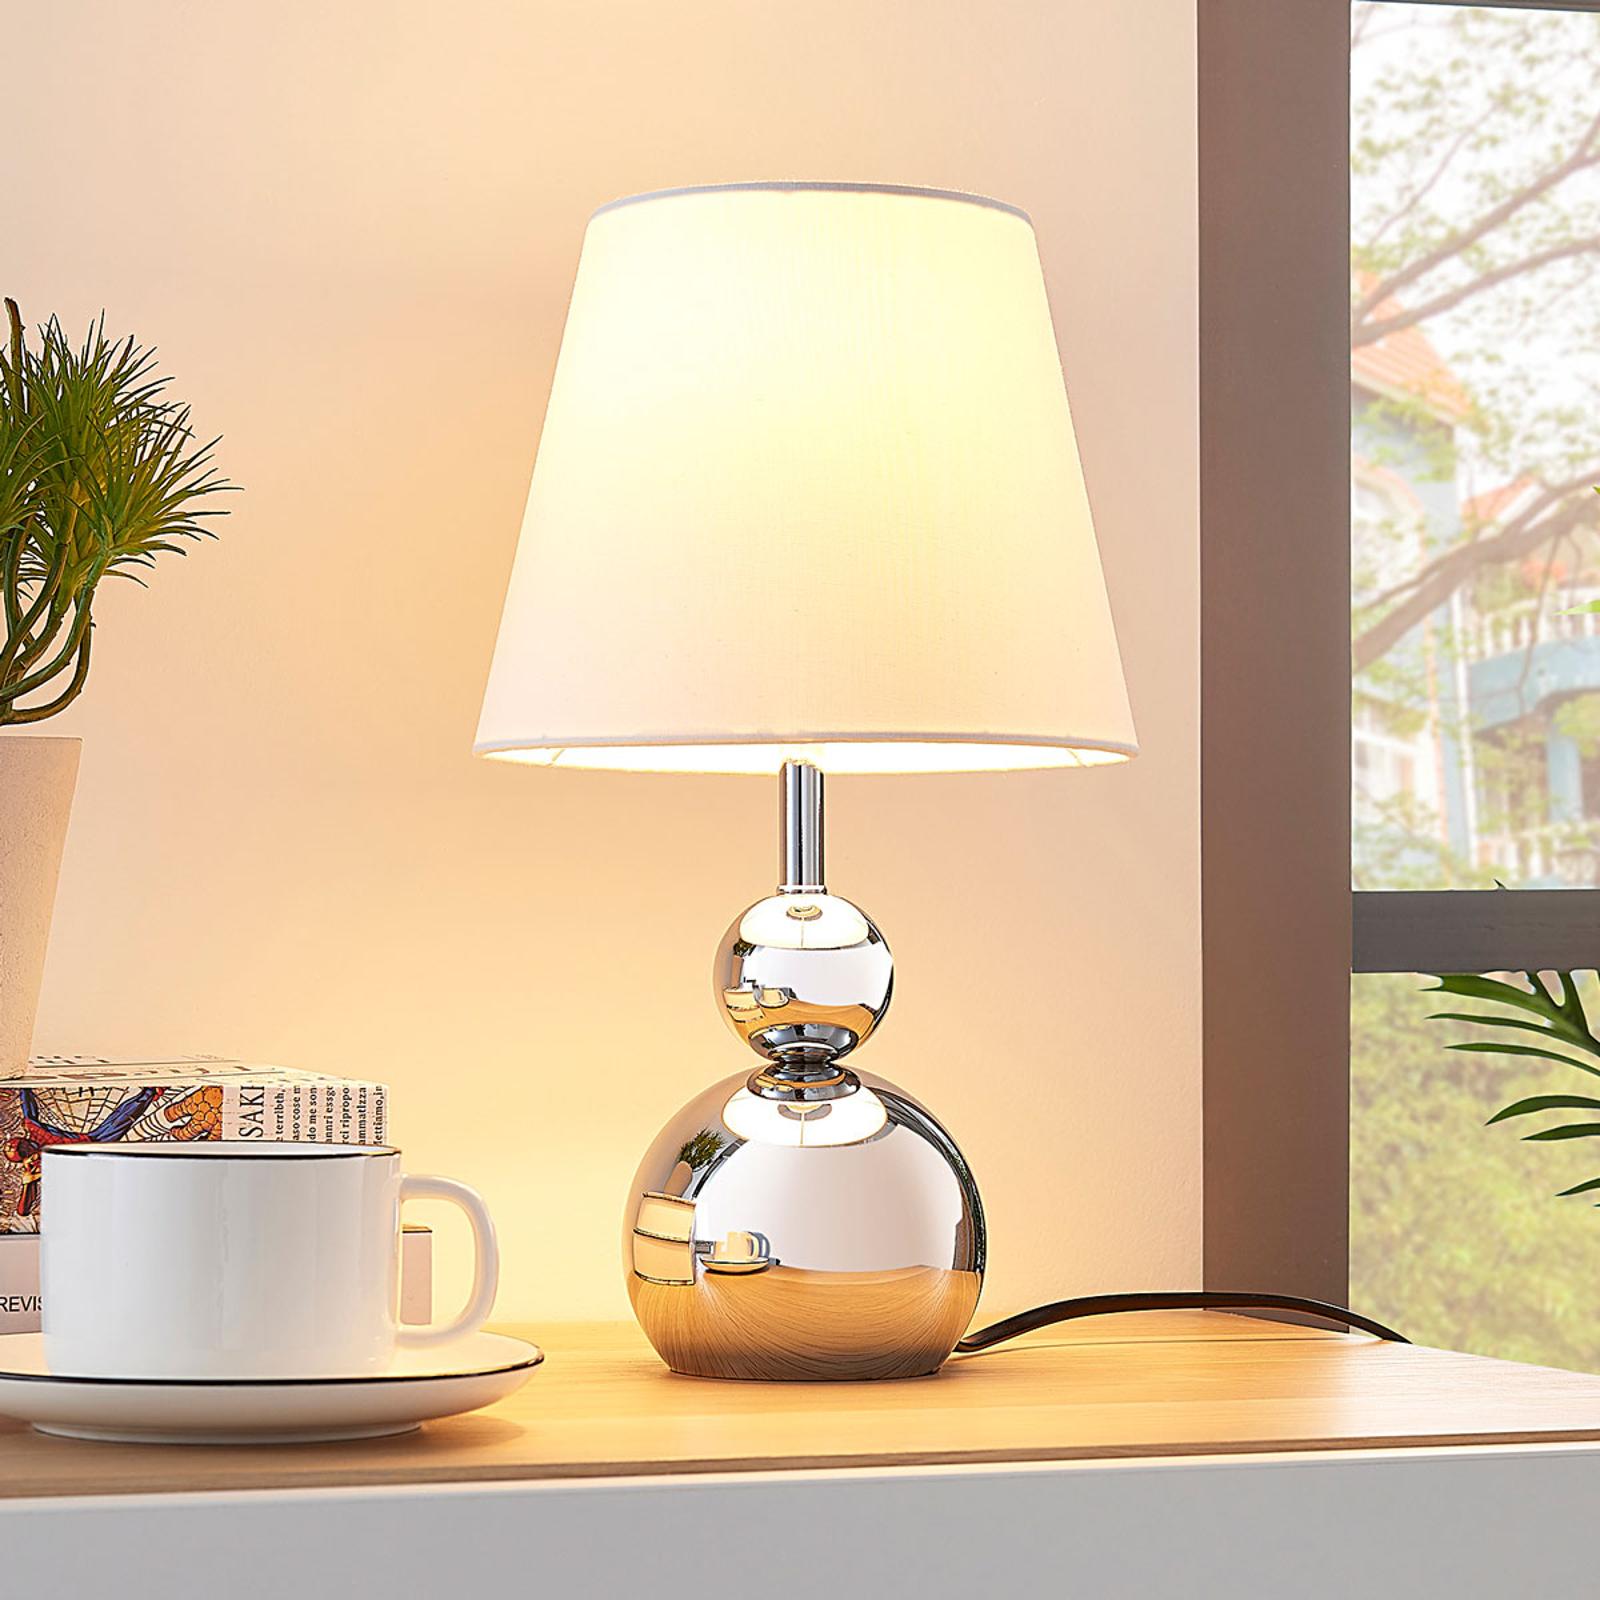 Lámpara de mesa Andor tela blanca con base cromada